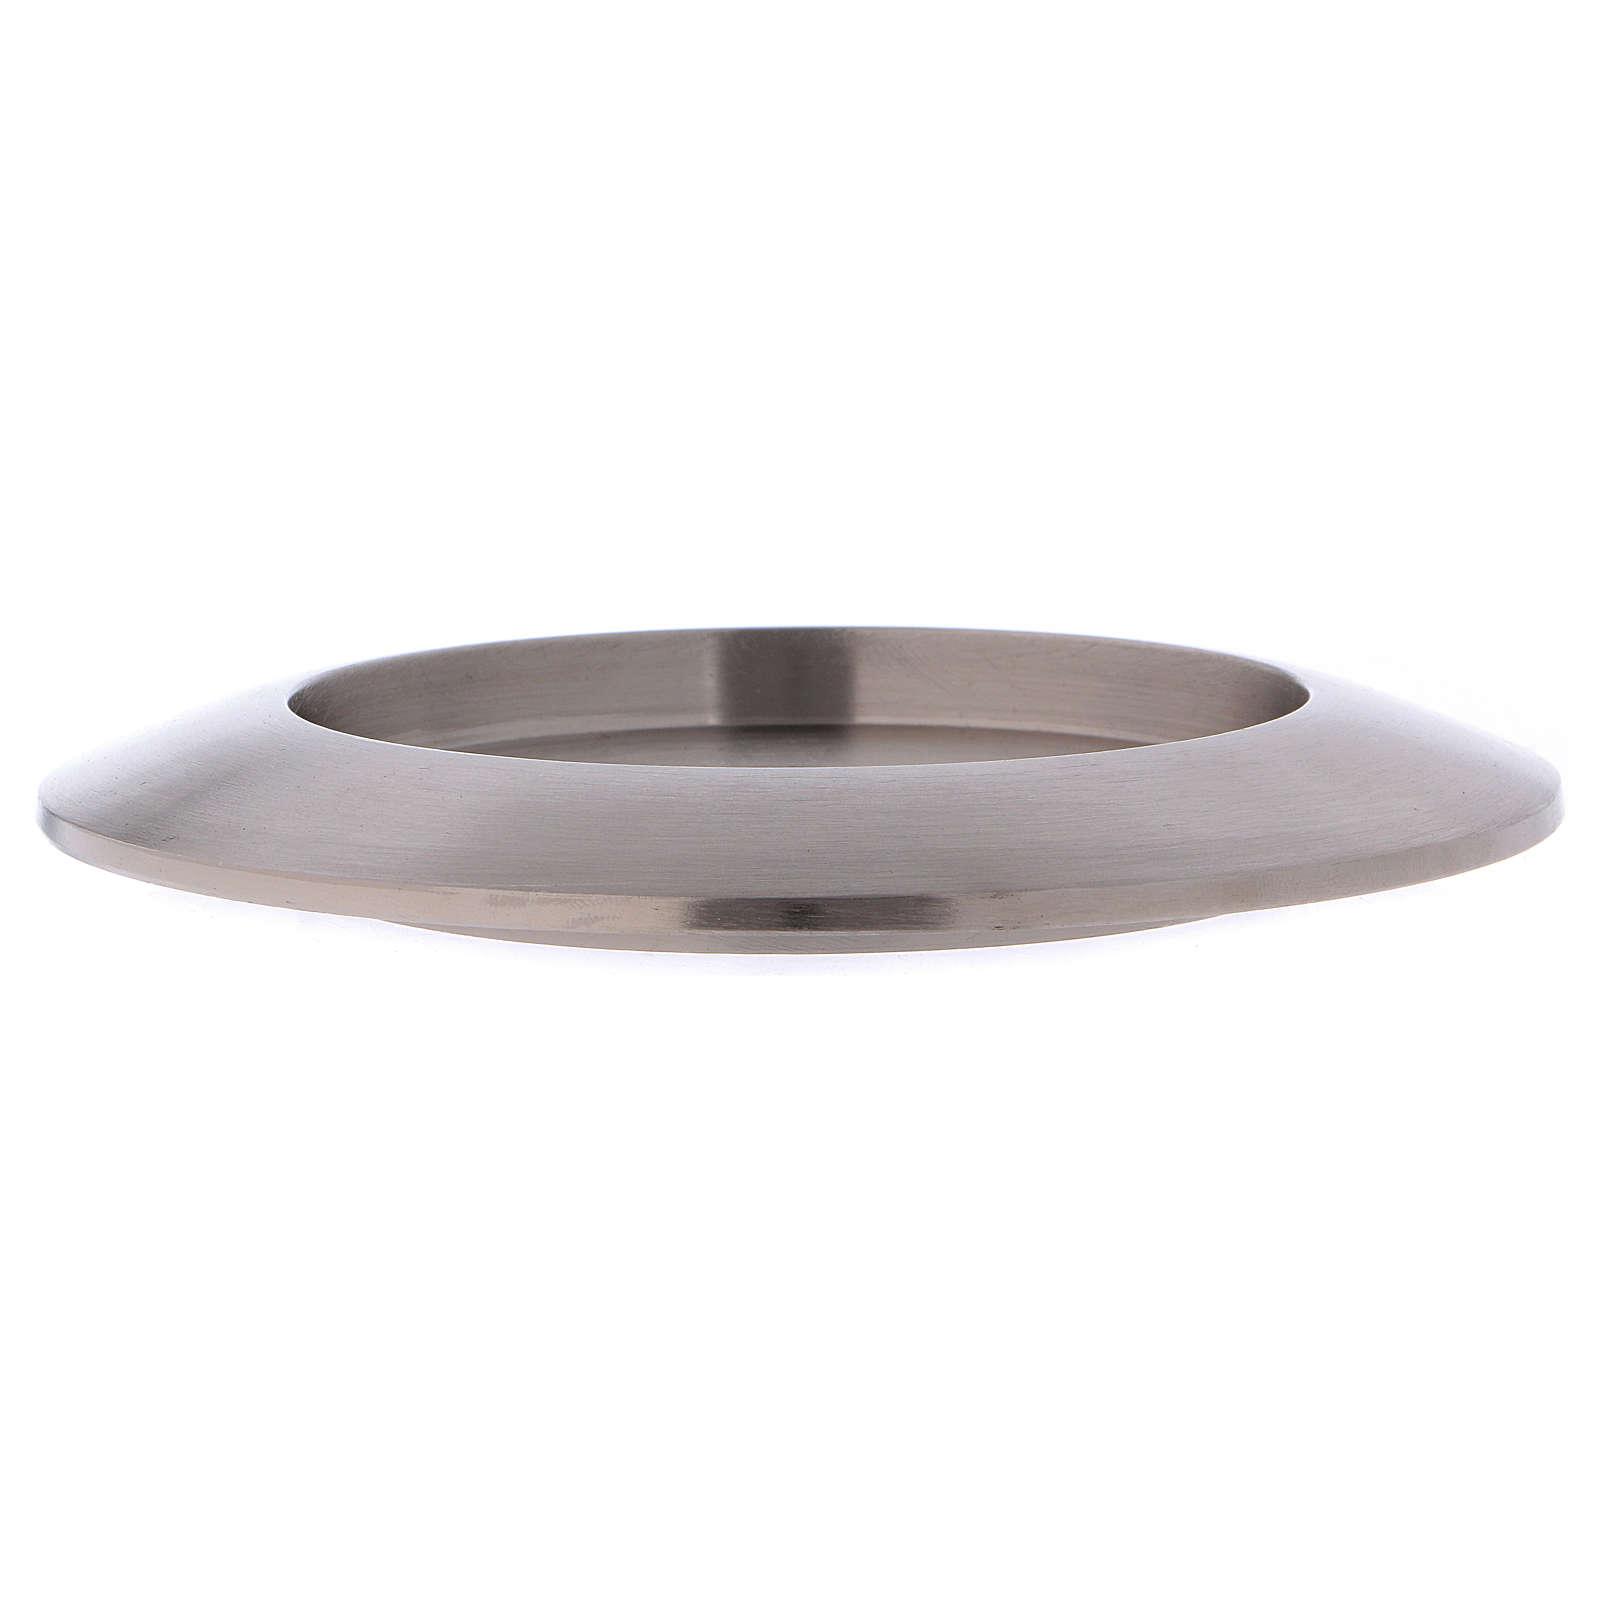 Portacandele tondo in ottone argentato diam. 9 cm 3